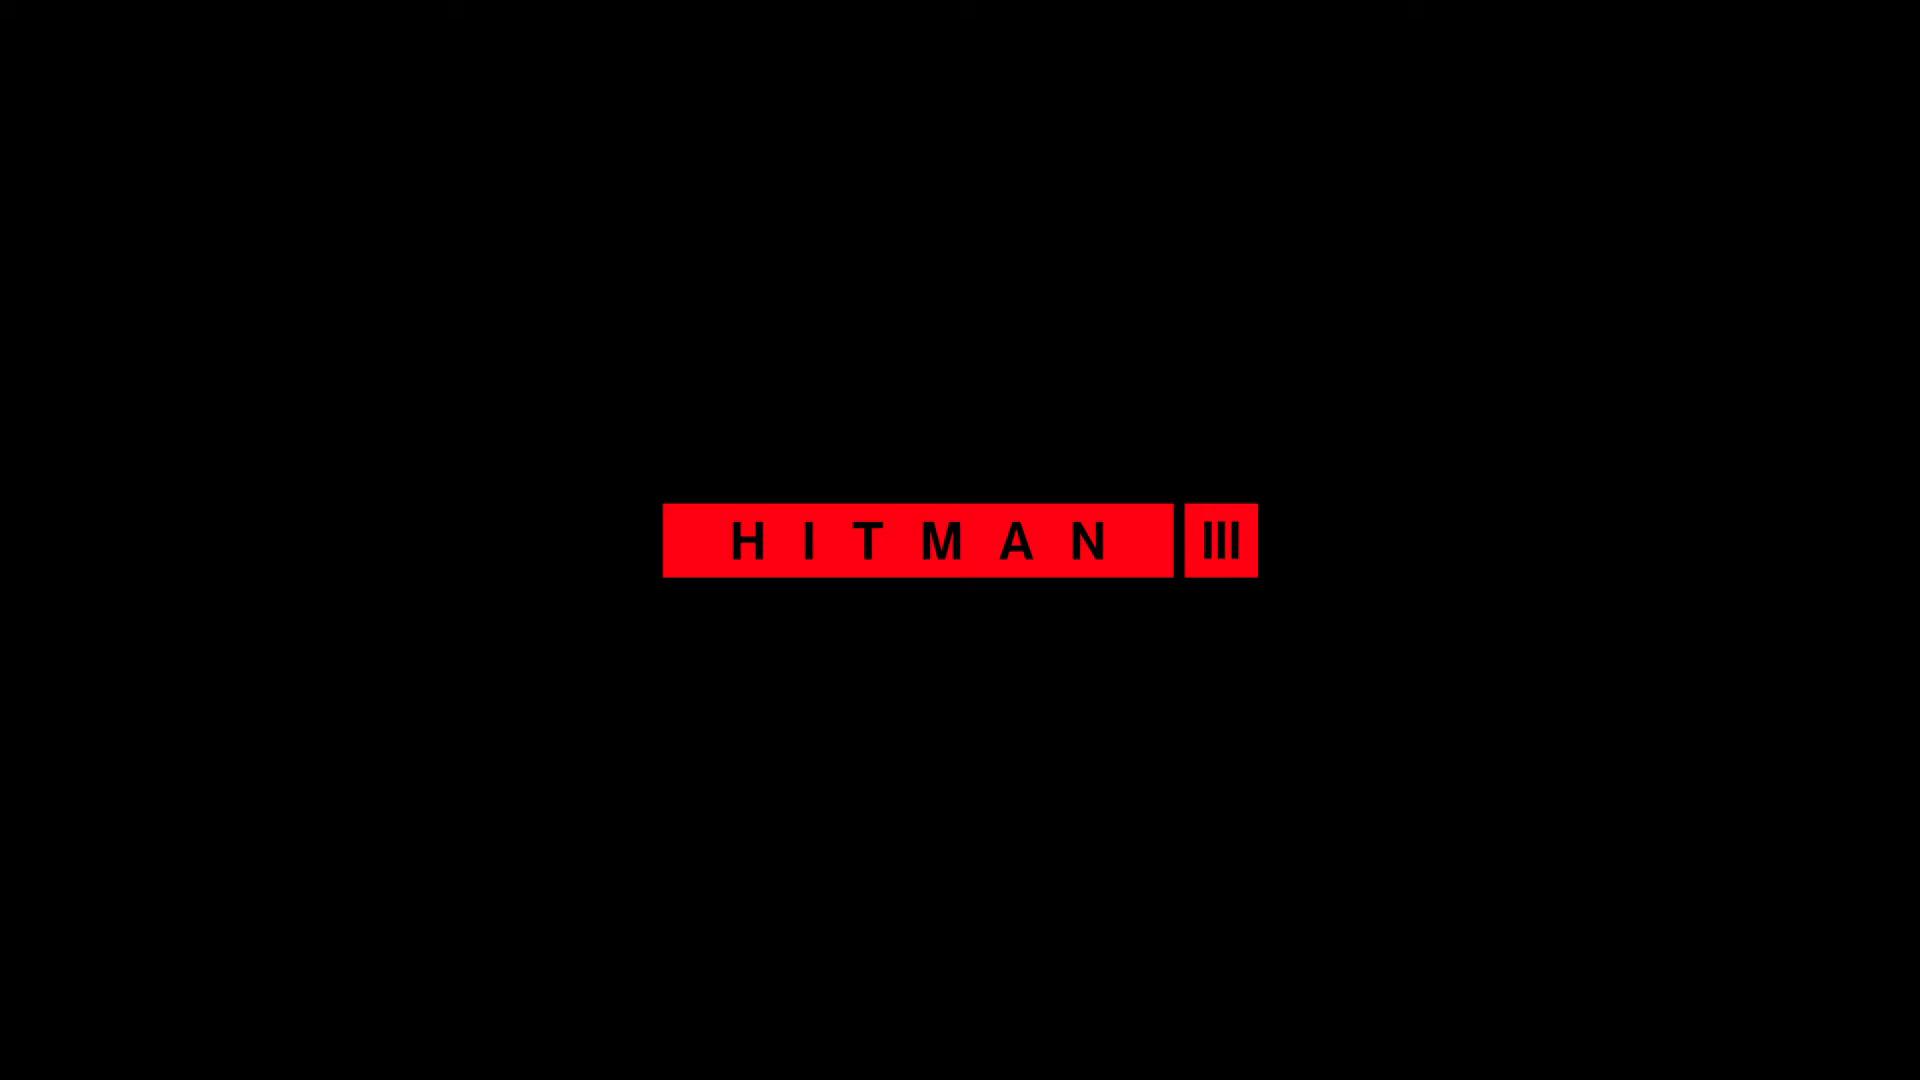 hitman 3 logo wallpaper 73054